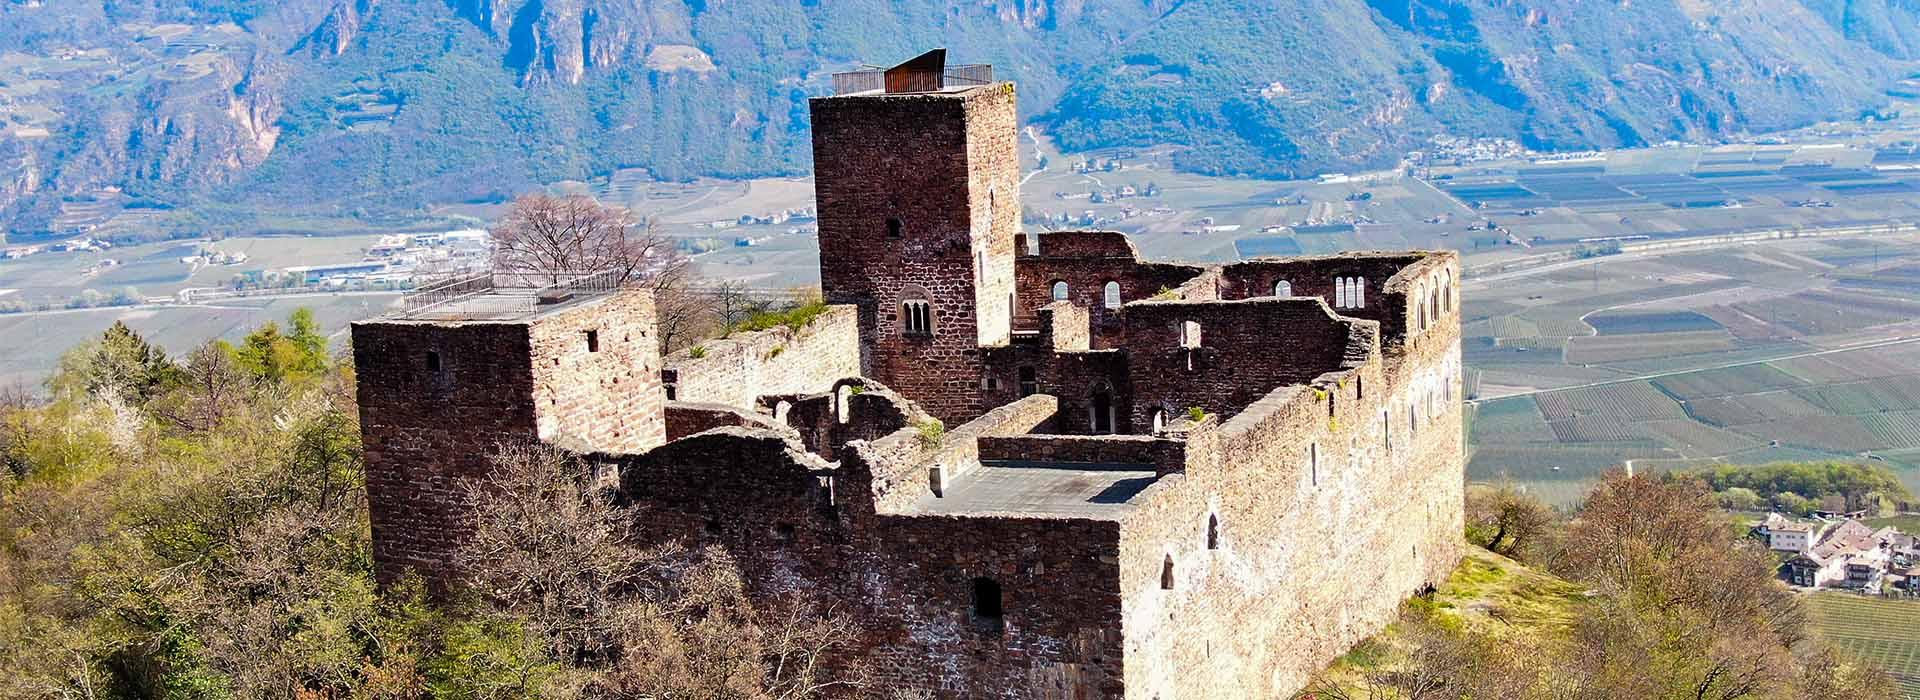 Drei Burgenwanderung - Burg Boymont